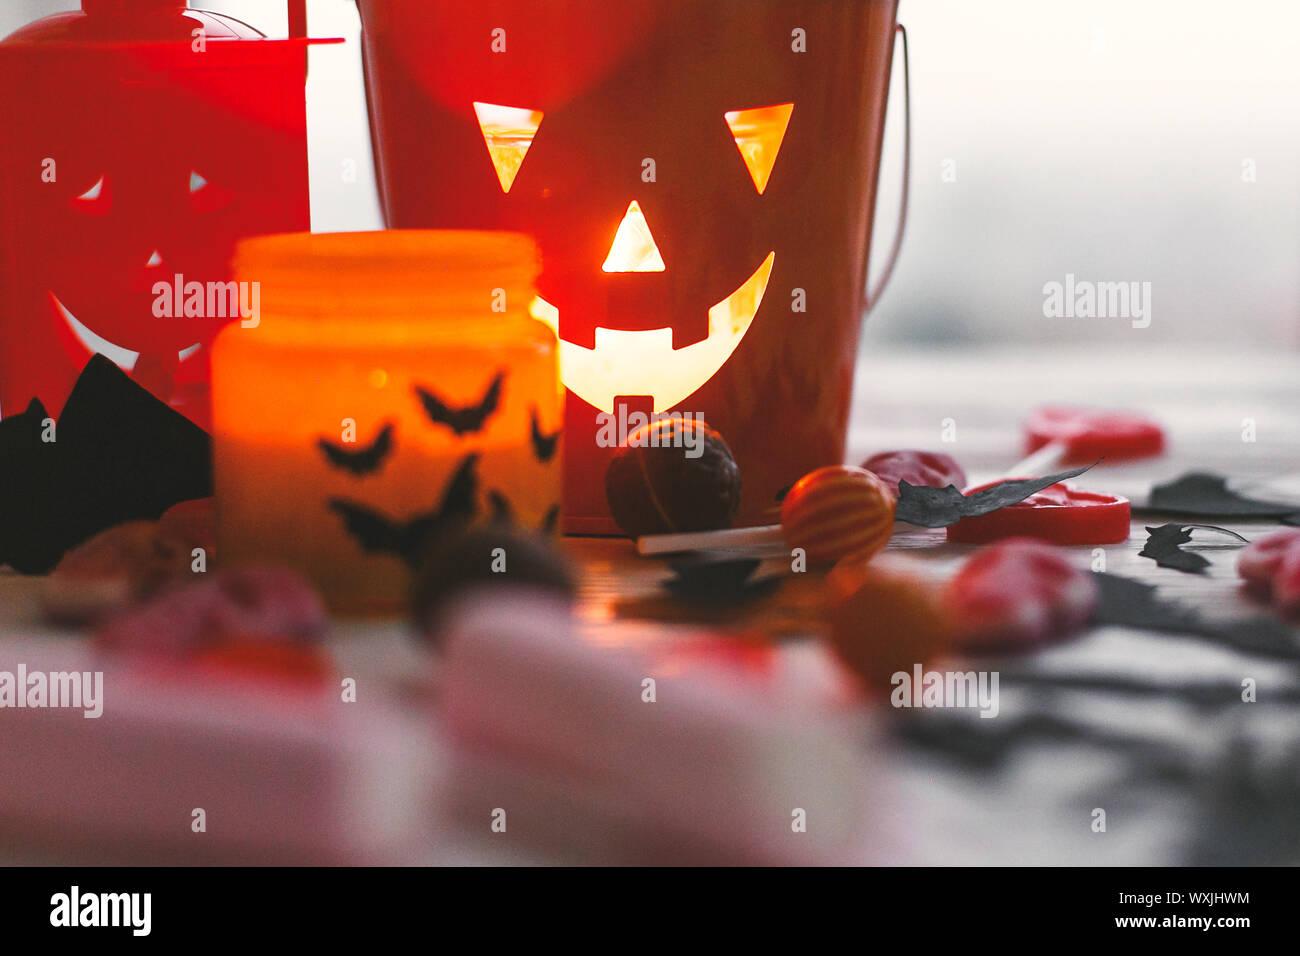 Halloween jack o lantern Schaufel, leuchtende Kerze, festliche Candy, Schädel, schwarz Fledermäuse, Geist, Spinne, Dekorationen auf weißem Holz- Hintergrund. Kopieren Sie Platz. Stockfoto